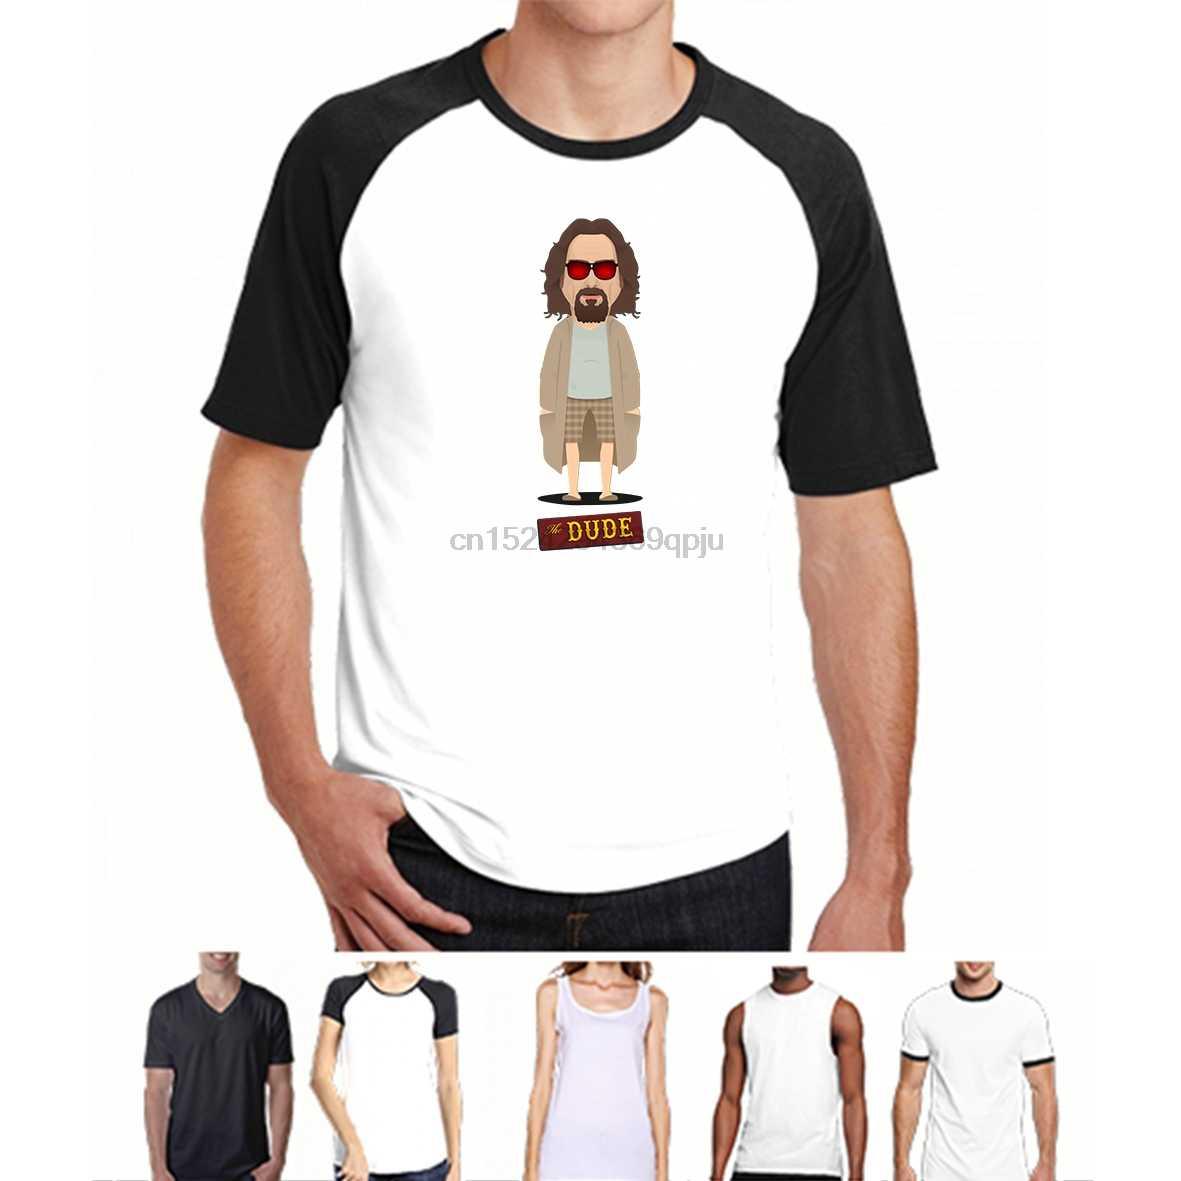 100% Cotone O-Collo Personalizzata Stampato Maglietta Degli Uomini T shirt Hypnotoad-Hypnotoad Delle Donne T-Shirt